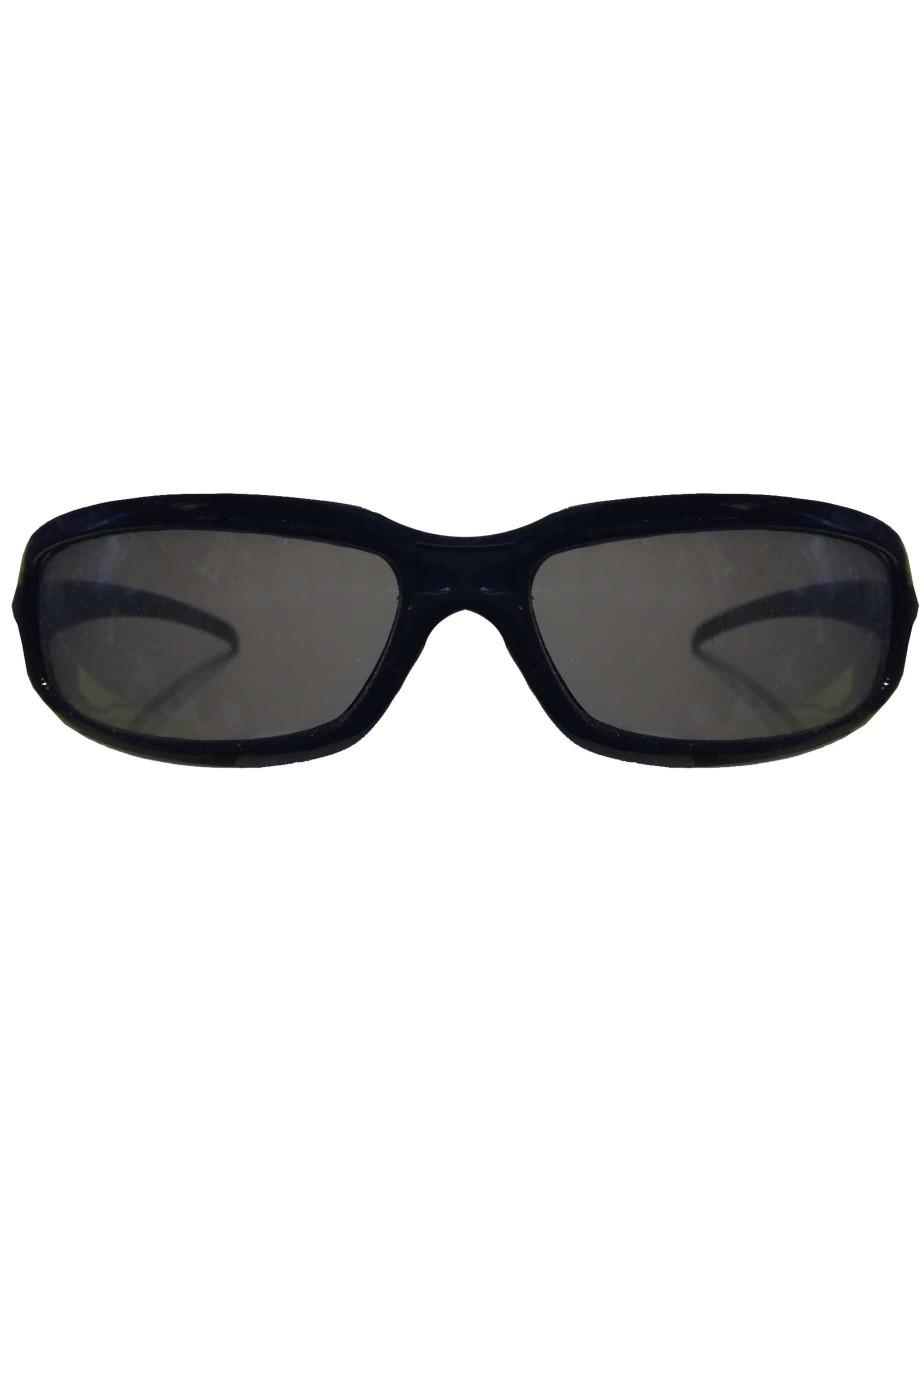 i più votati più recenti Buoni prezzi numerosi in varietà Occhiali neri stile anni 50